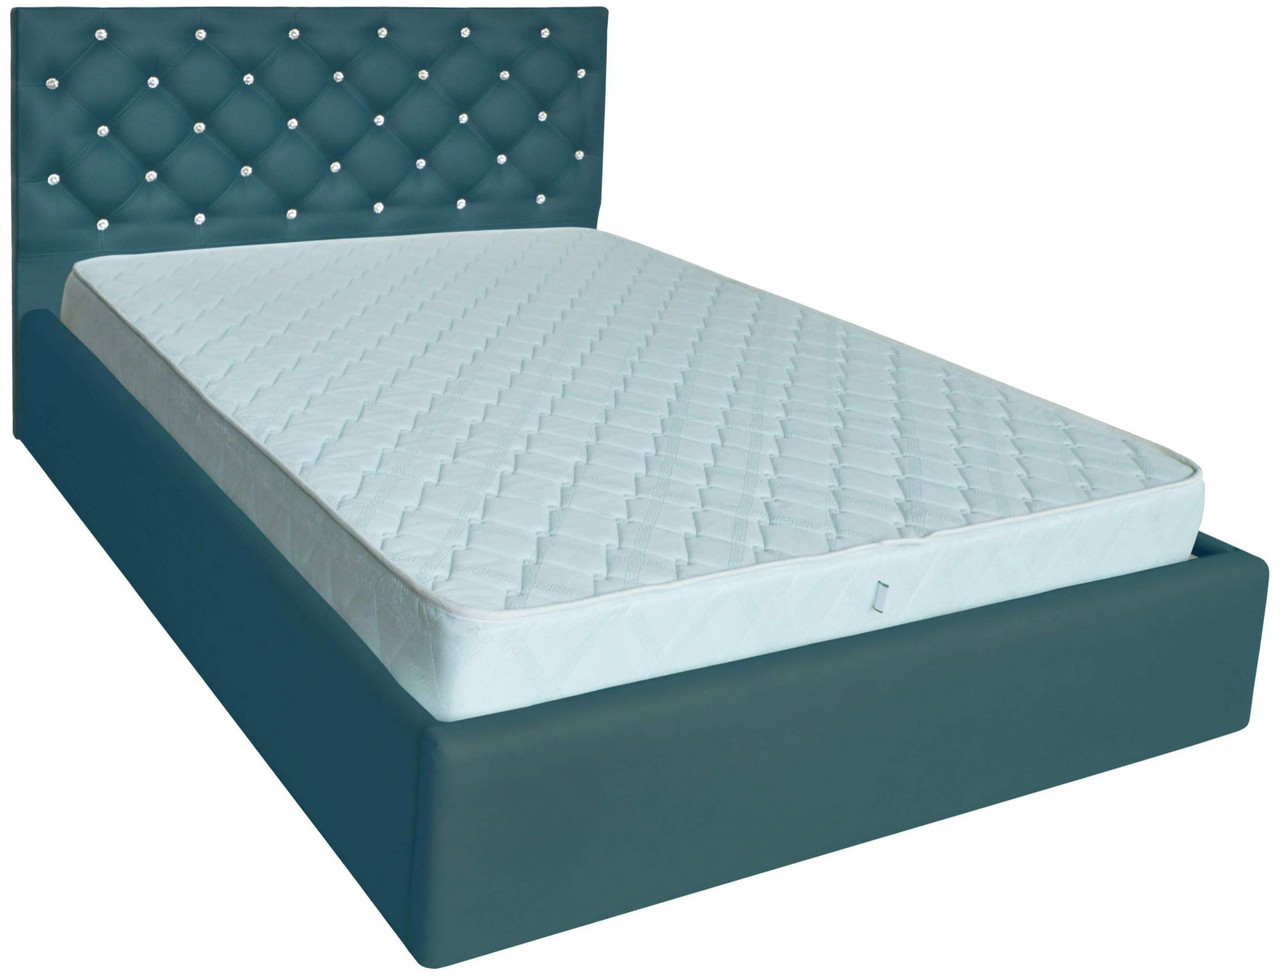 Кровать Двуспальная Richman Ковентри VIP 180 х 190 см Флай 2215 С дополнительной металлической цельносварной